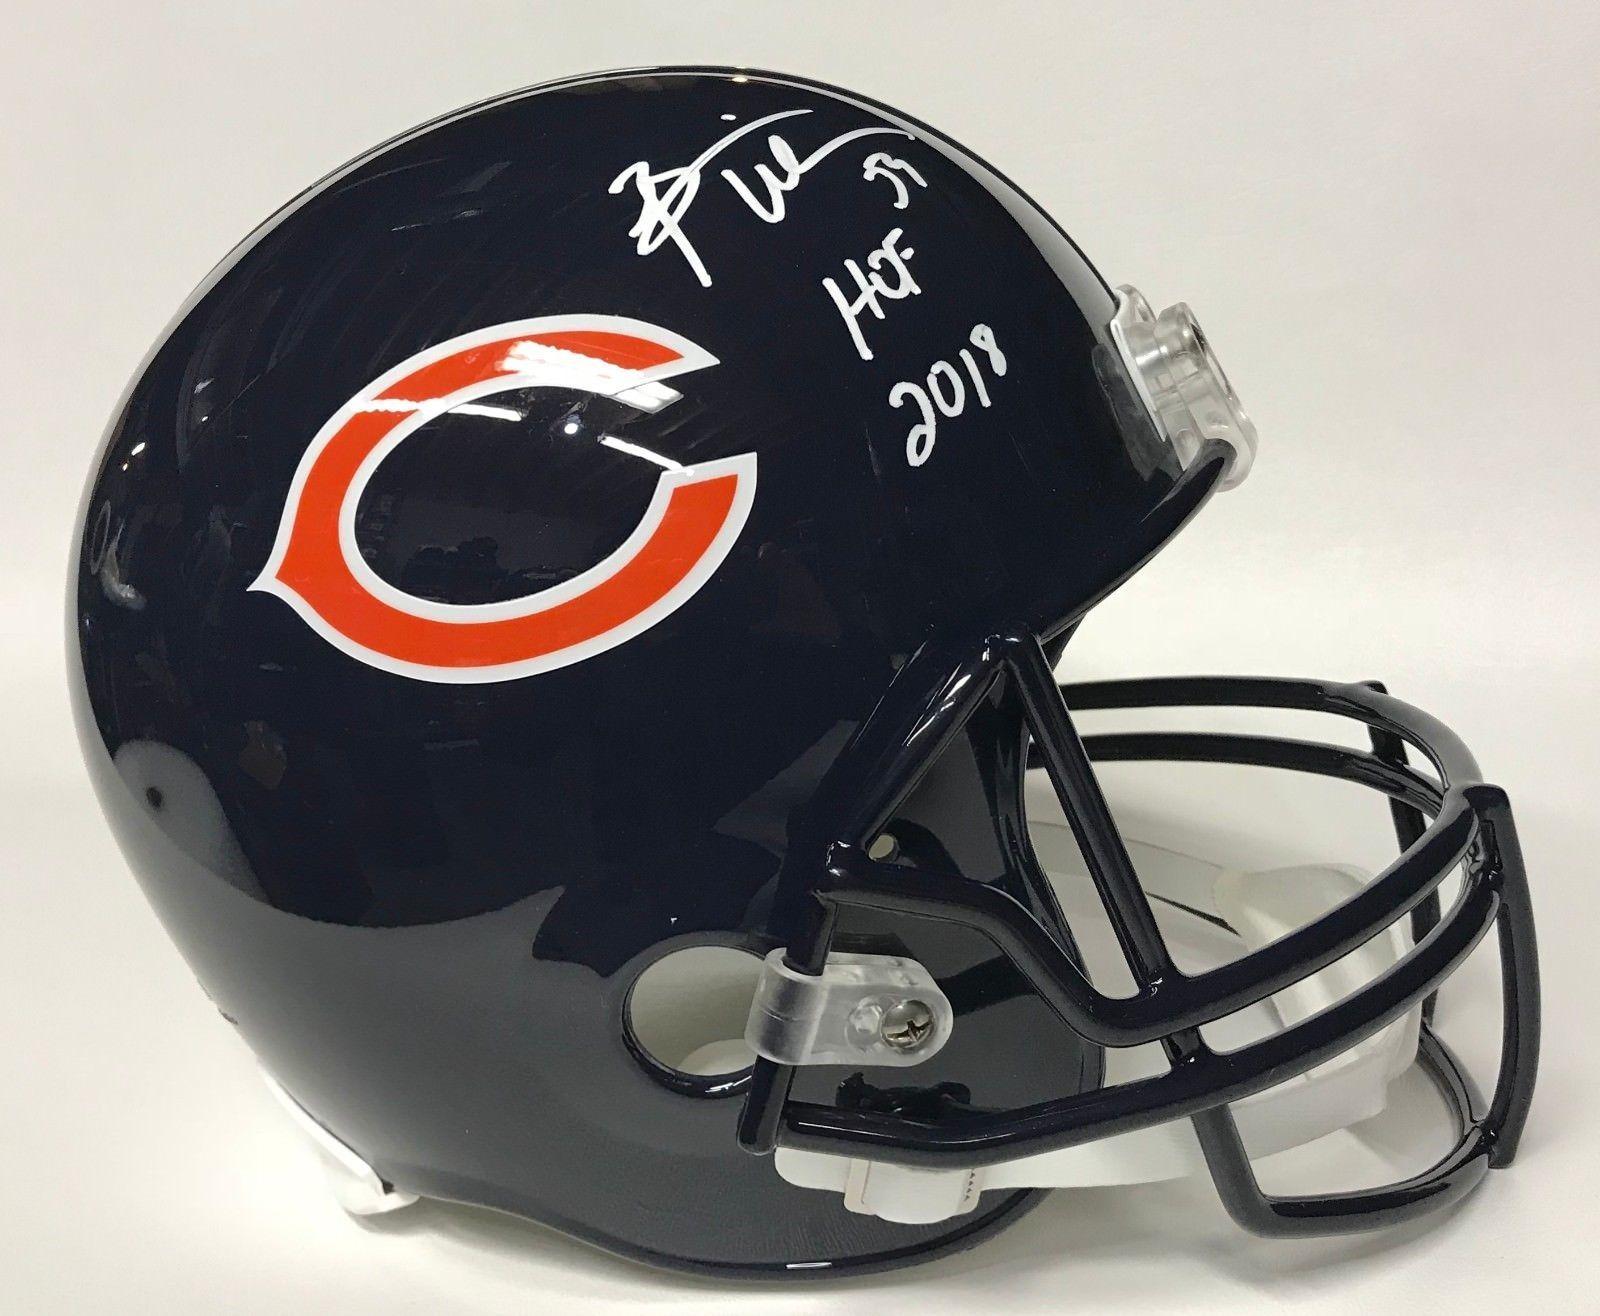 63b3bd5e7c8 Brian Urlacher Autographed Bears F/S Helmet and 49 similar items. 57